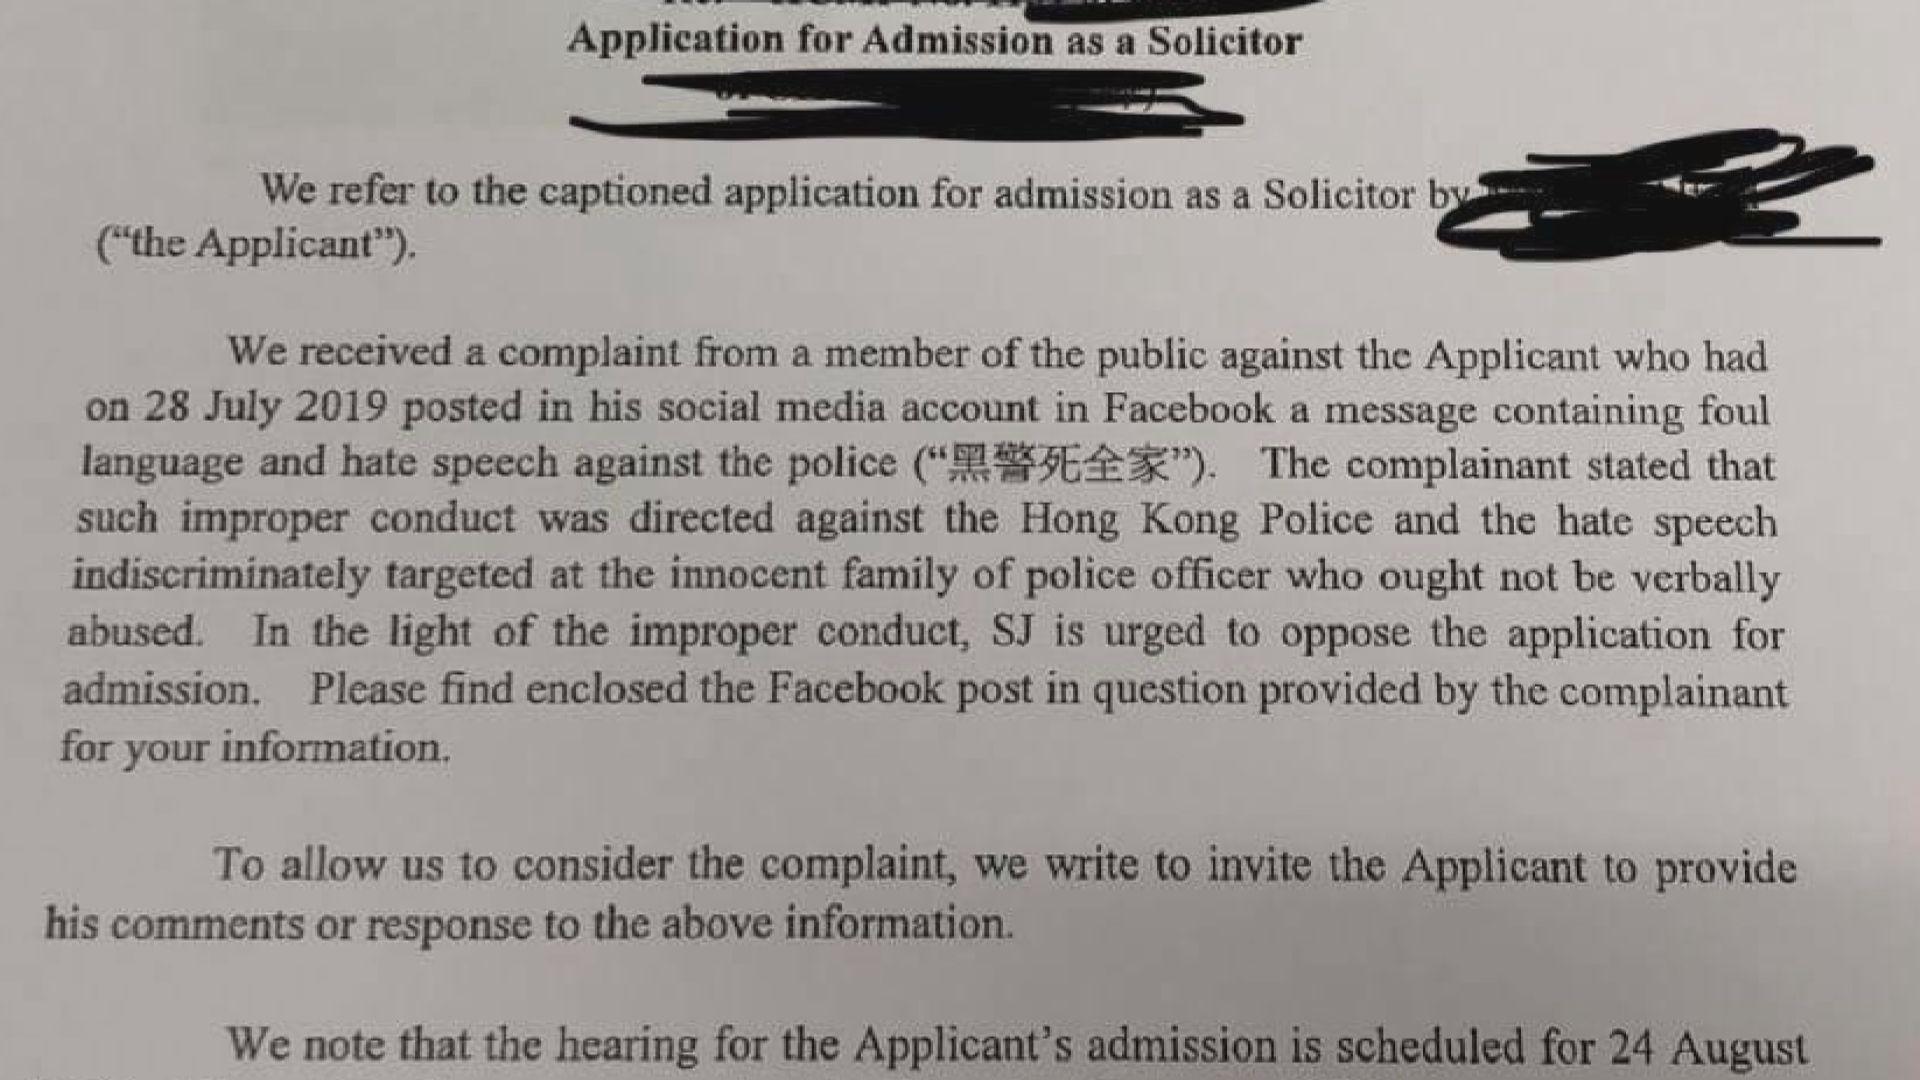 實習律師網上發仇警言論 律政司促回應